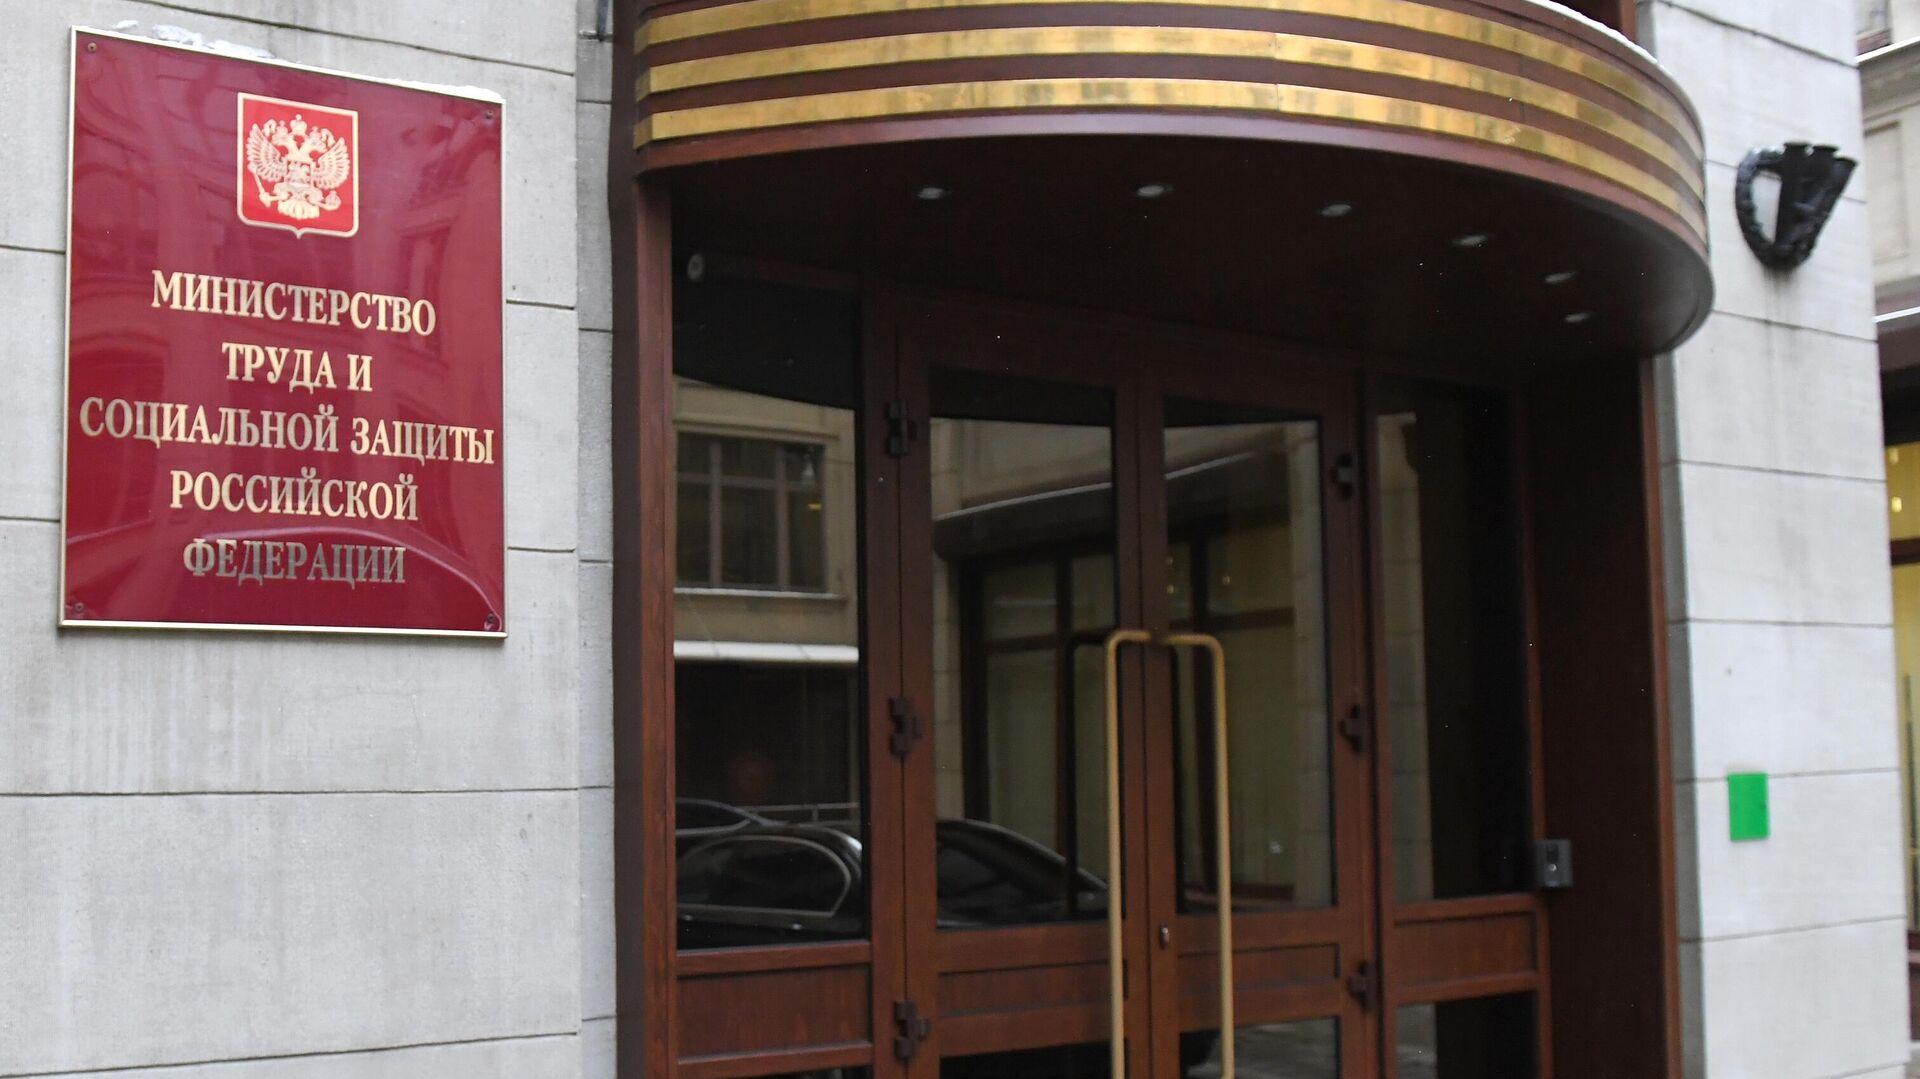 Вход в здание министерства труда и социальной защиты РФ в Москве - РИА Новости, 1920, 11.08.2020